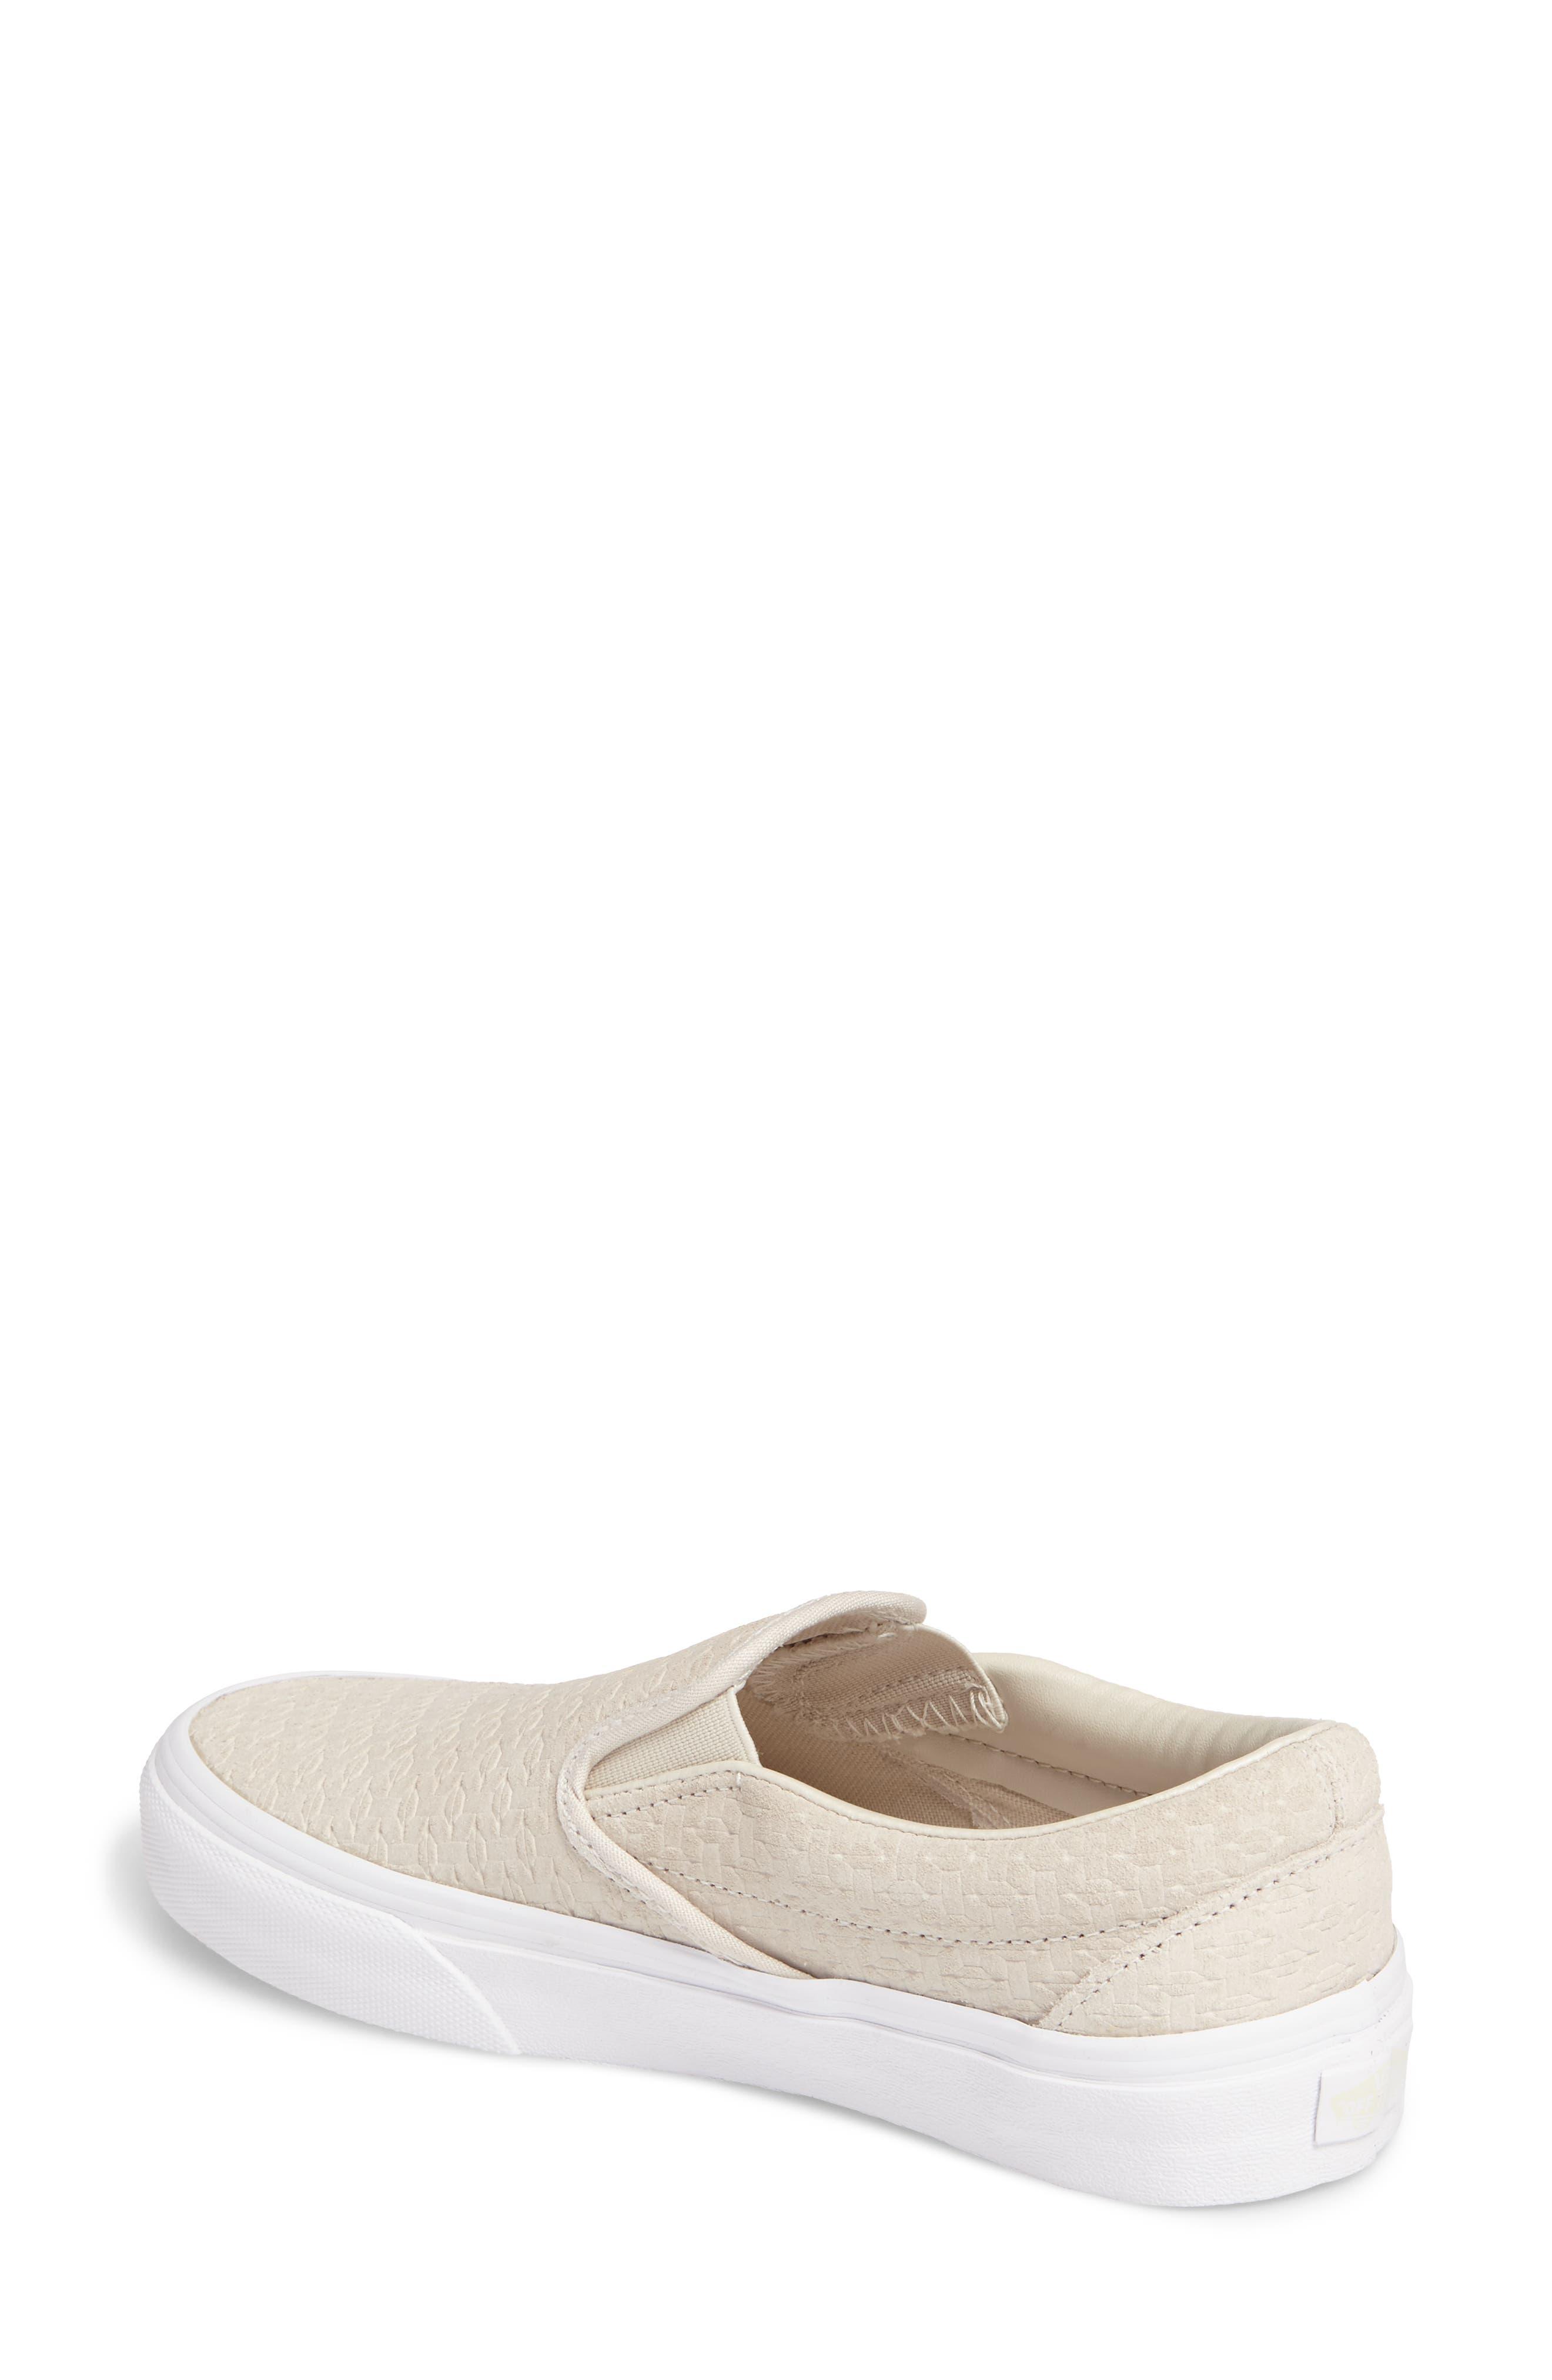 ,                             Classic Slip-On Sneaker,                             Alternate thumbnail 331, color,                             270